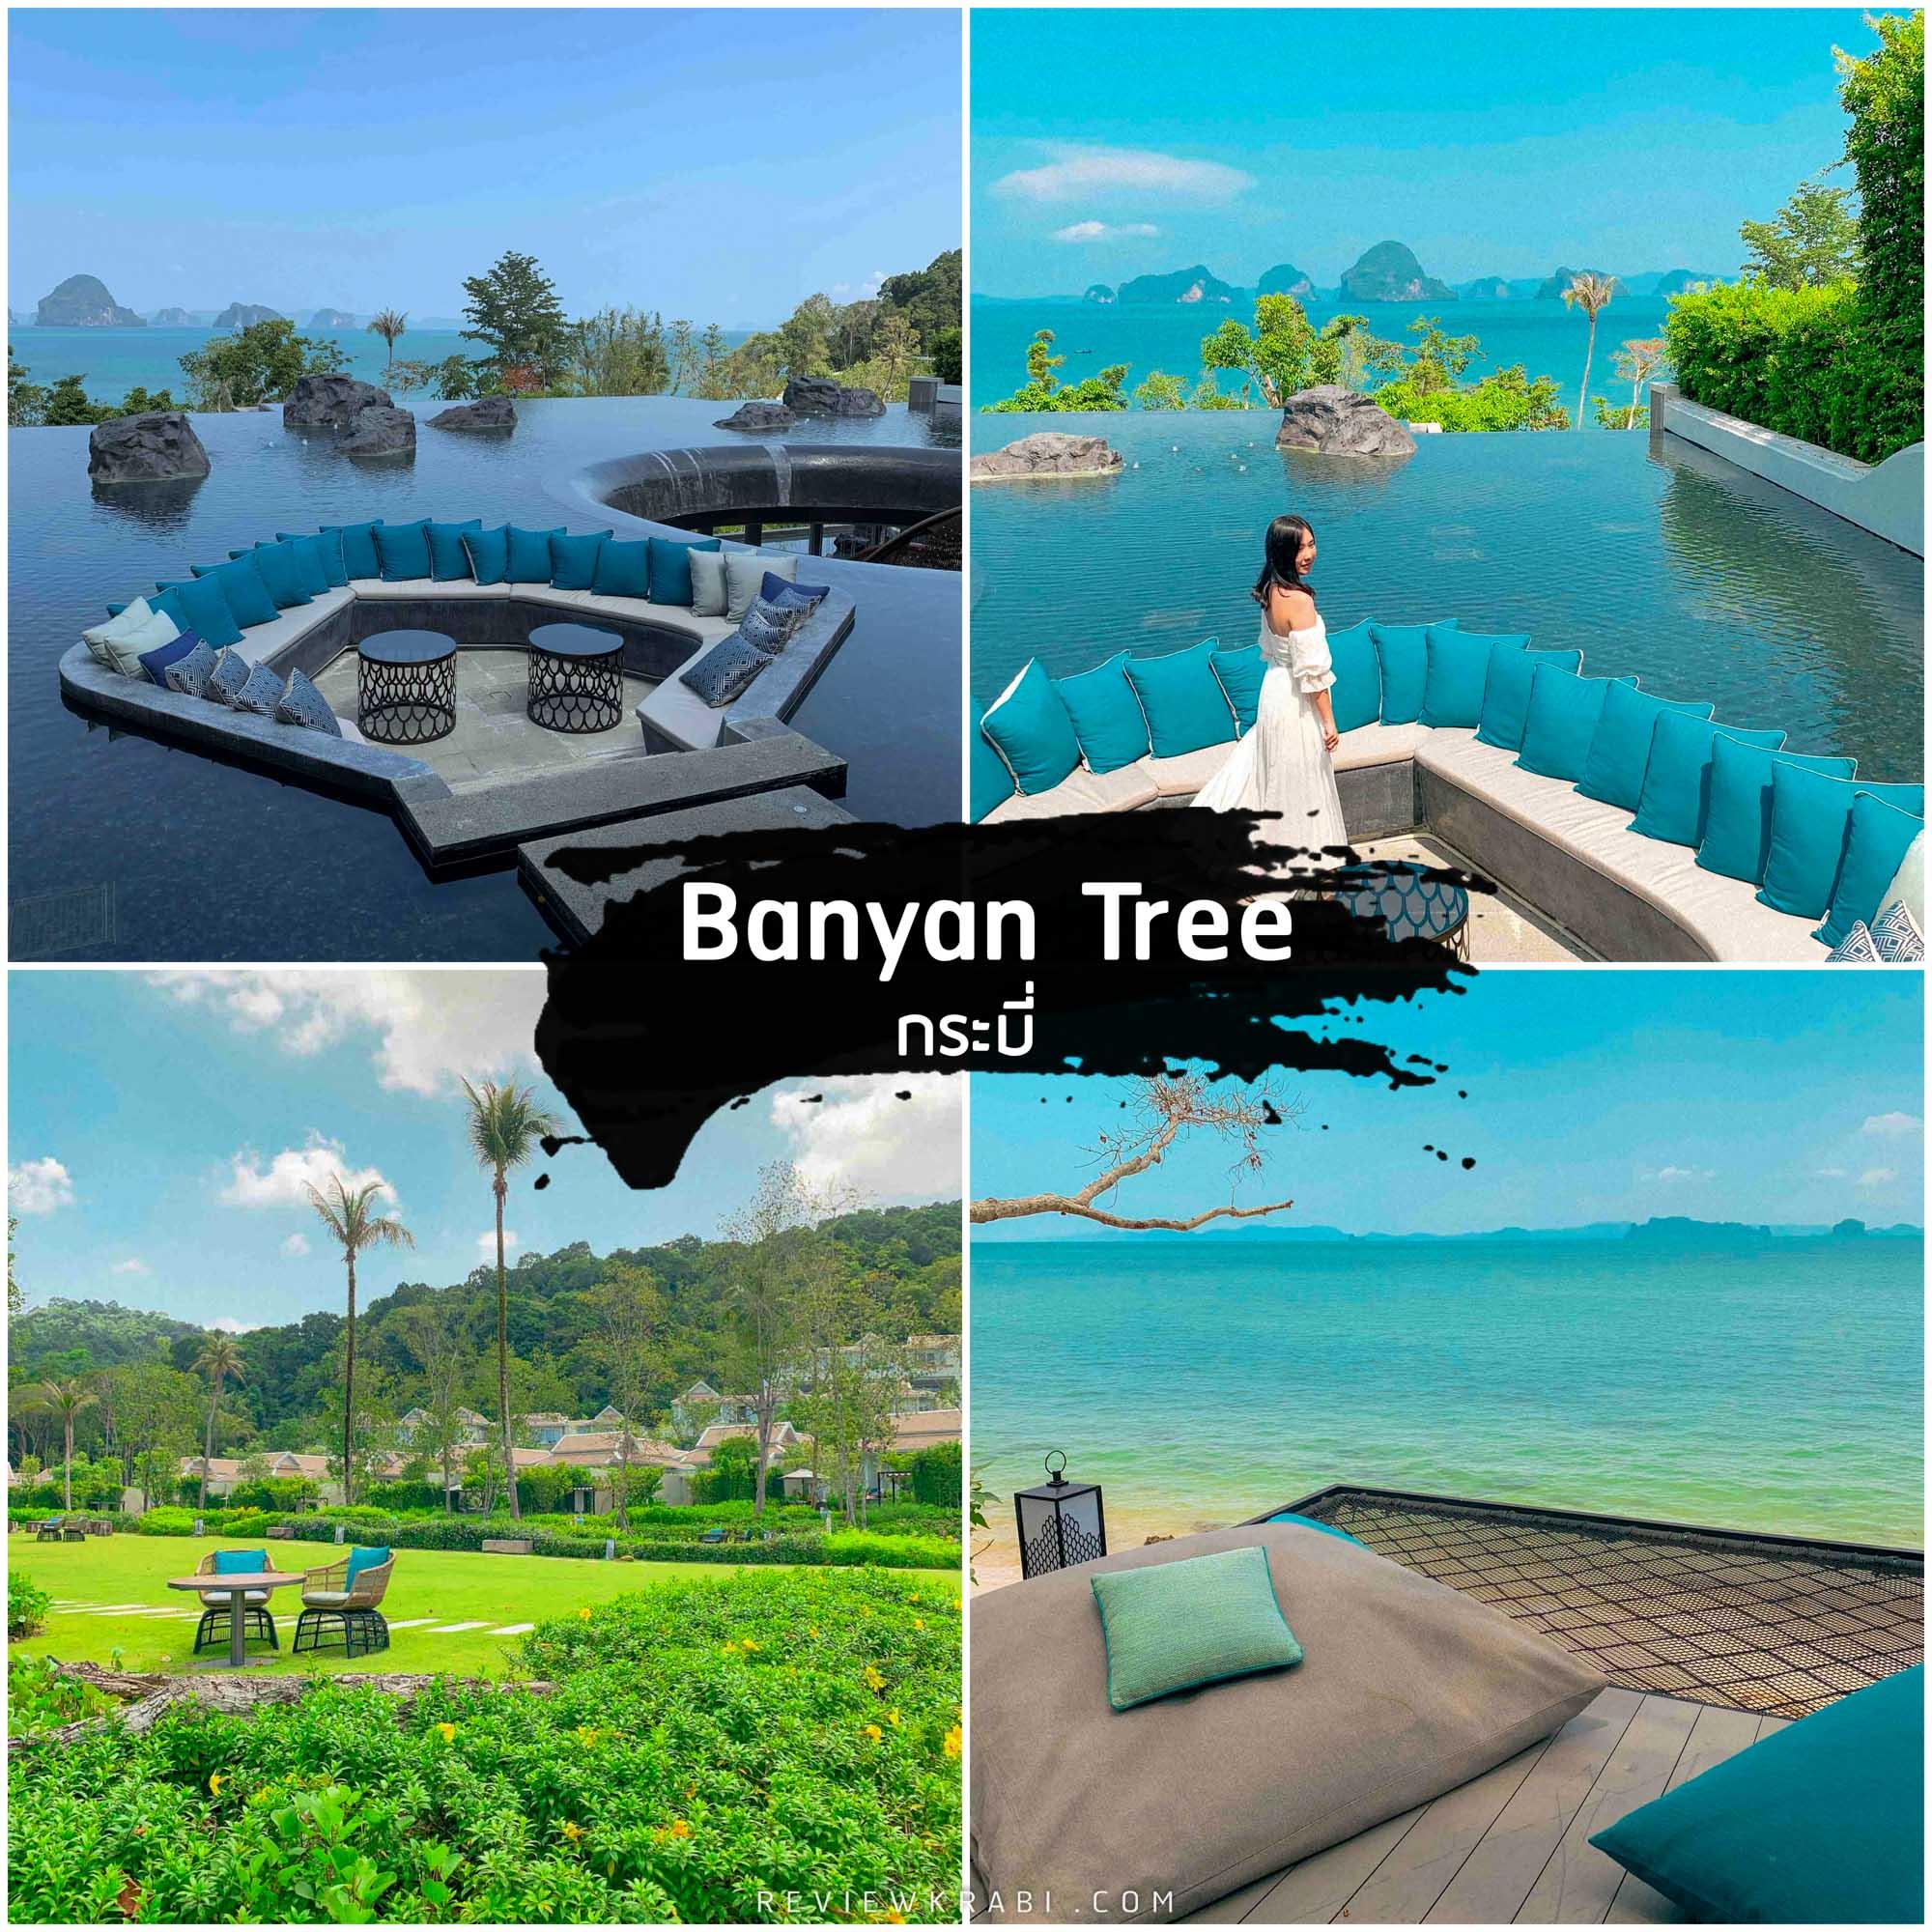 Banyan-Tree-กระบี่ -ที่พักกระบี่-สุดสวยวิวหลักล้าน-วิวทะเล-ภูเขาพร้อมหญ้าสีเขียวๆ-ฟินมากก-มีมุมลับๆน่ารักๆมากมาย-พักผ่อนนอนเล่นในห้องพักหลากหลายสไตล์ที่กว้างขวางไปจนถึงวิลล่าสุดหรูริมหาดทับแขก-ว่ายน้ำในสระส่วนตัวได้ตลอด-24-ชม.-กันเลยทีเดียว-การออกแบบโดดเด่นผสมผสานฟิวชั่นของสถาปัตยกรรมตามความเชื่อของตำนานท้องถิ่นของหาดทับแขกเกี่ยวกับพญานาค-ผสมผสานกับความโมเดิร์นทันสมัยสะดวกสบายระดับ-5-ดาว-ทำให้ความสวยงามลงตัวไม่แพ้ที่ไหนเลยครับ-10/10 ที่พัก,กระบี่,อ่าวนาง,วิวหลักล้าน,โรงแรม,รีสอร์ท,krabi,เกาะพีพี